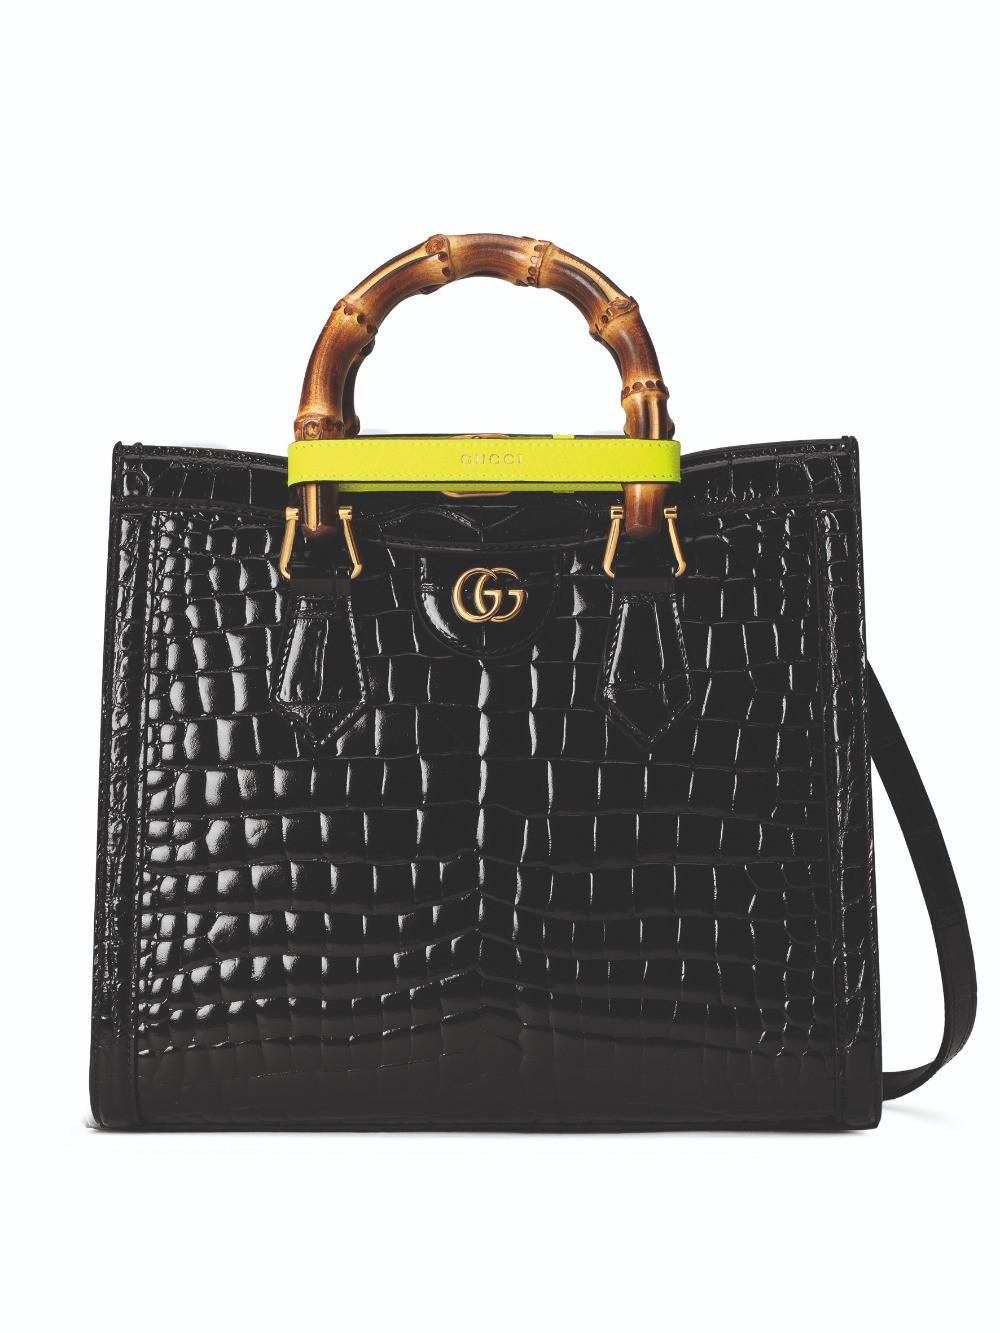 Gucci Diana Bag crocodile